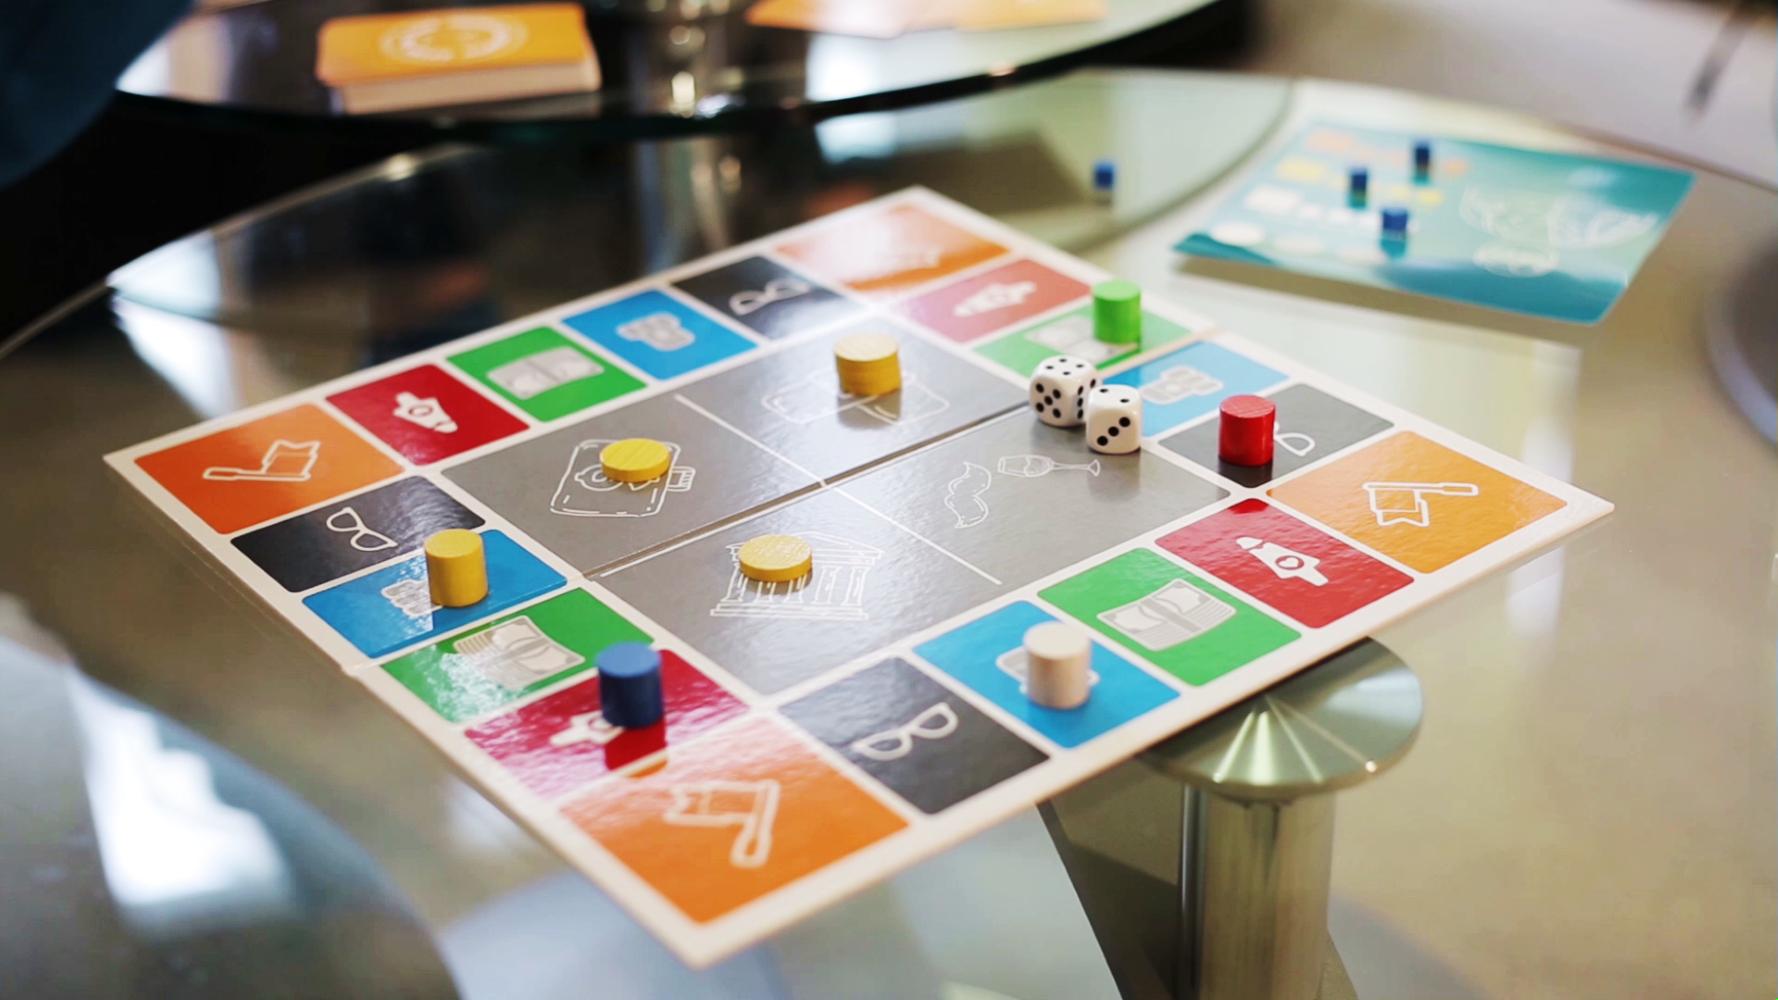 spielbrett Das Gesellschafts-Spiel bedingungsloses Grundeinkommen